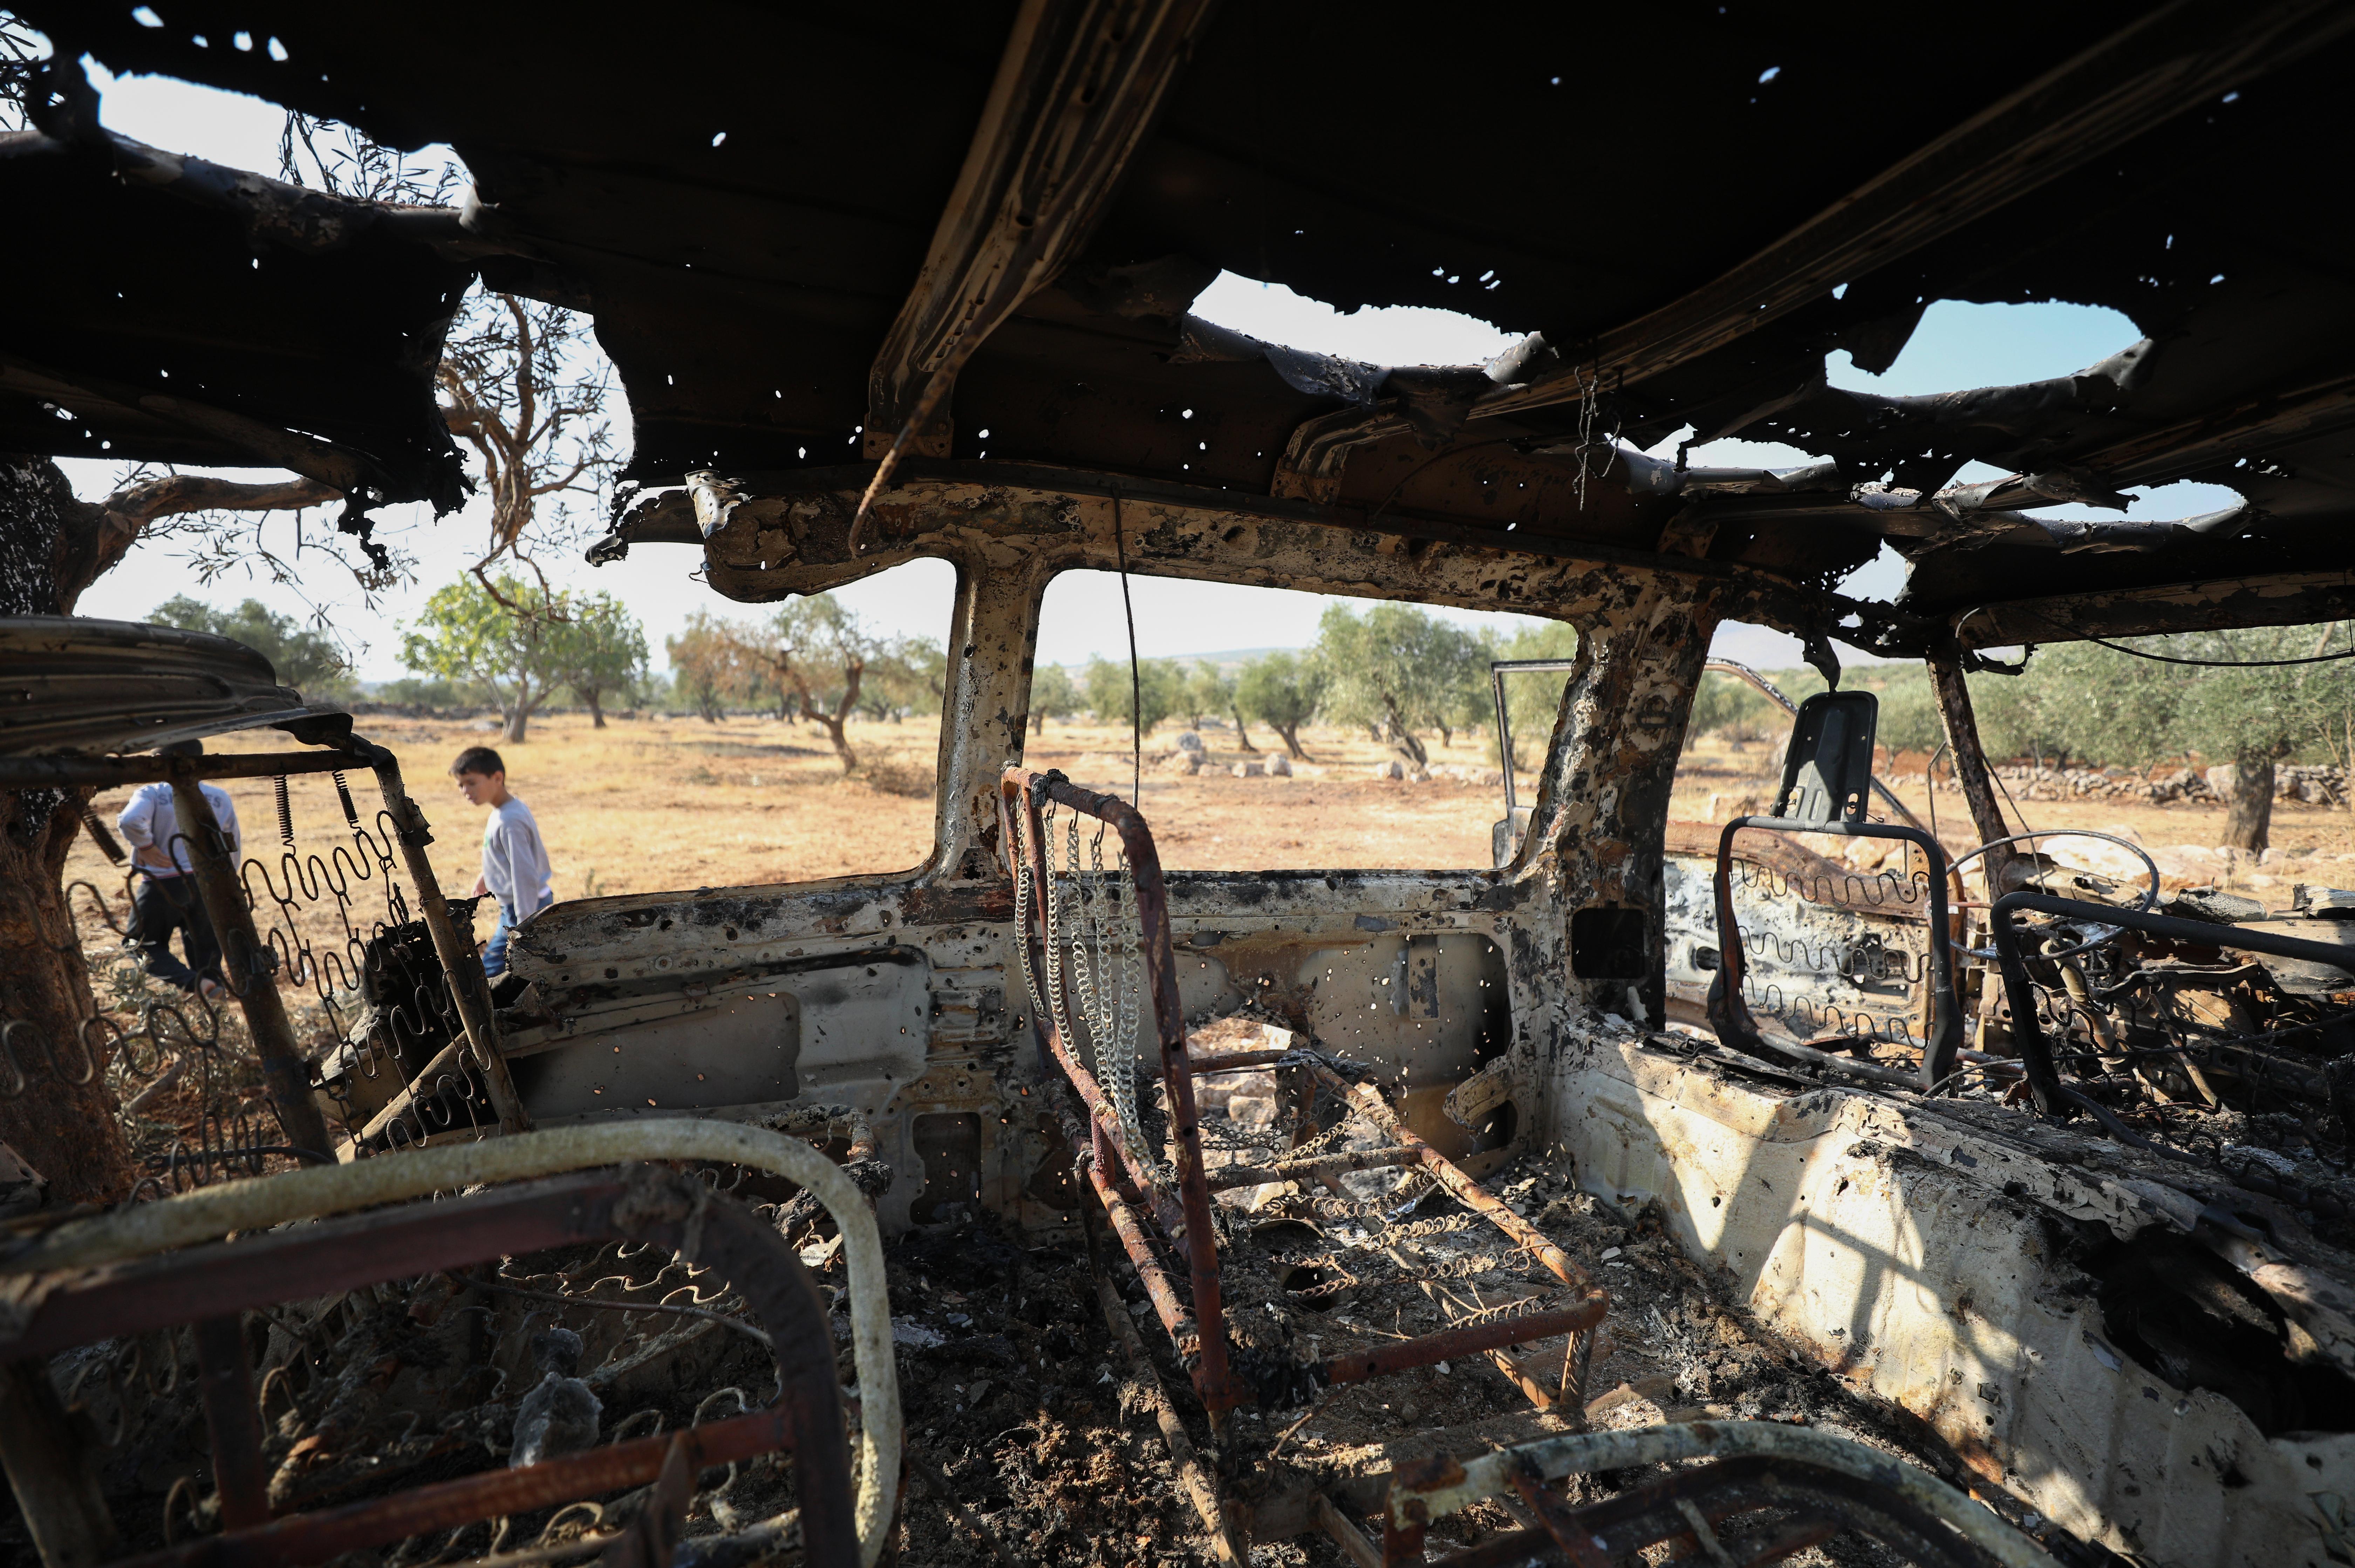 هيكل سيارة محترق في موقع العملية التي استهدفت البغدادي